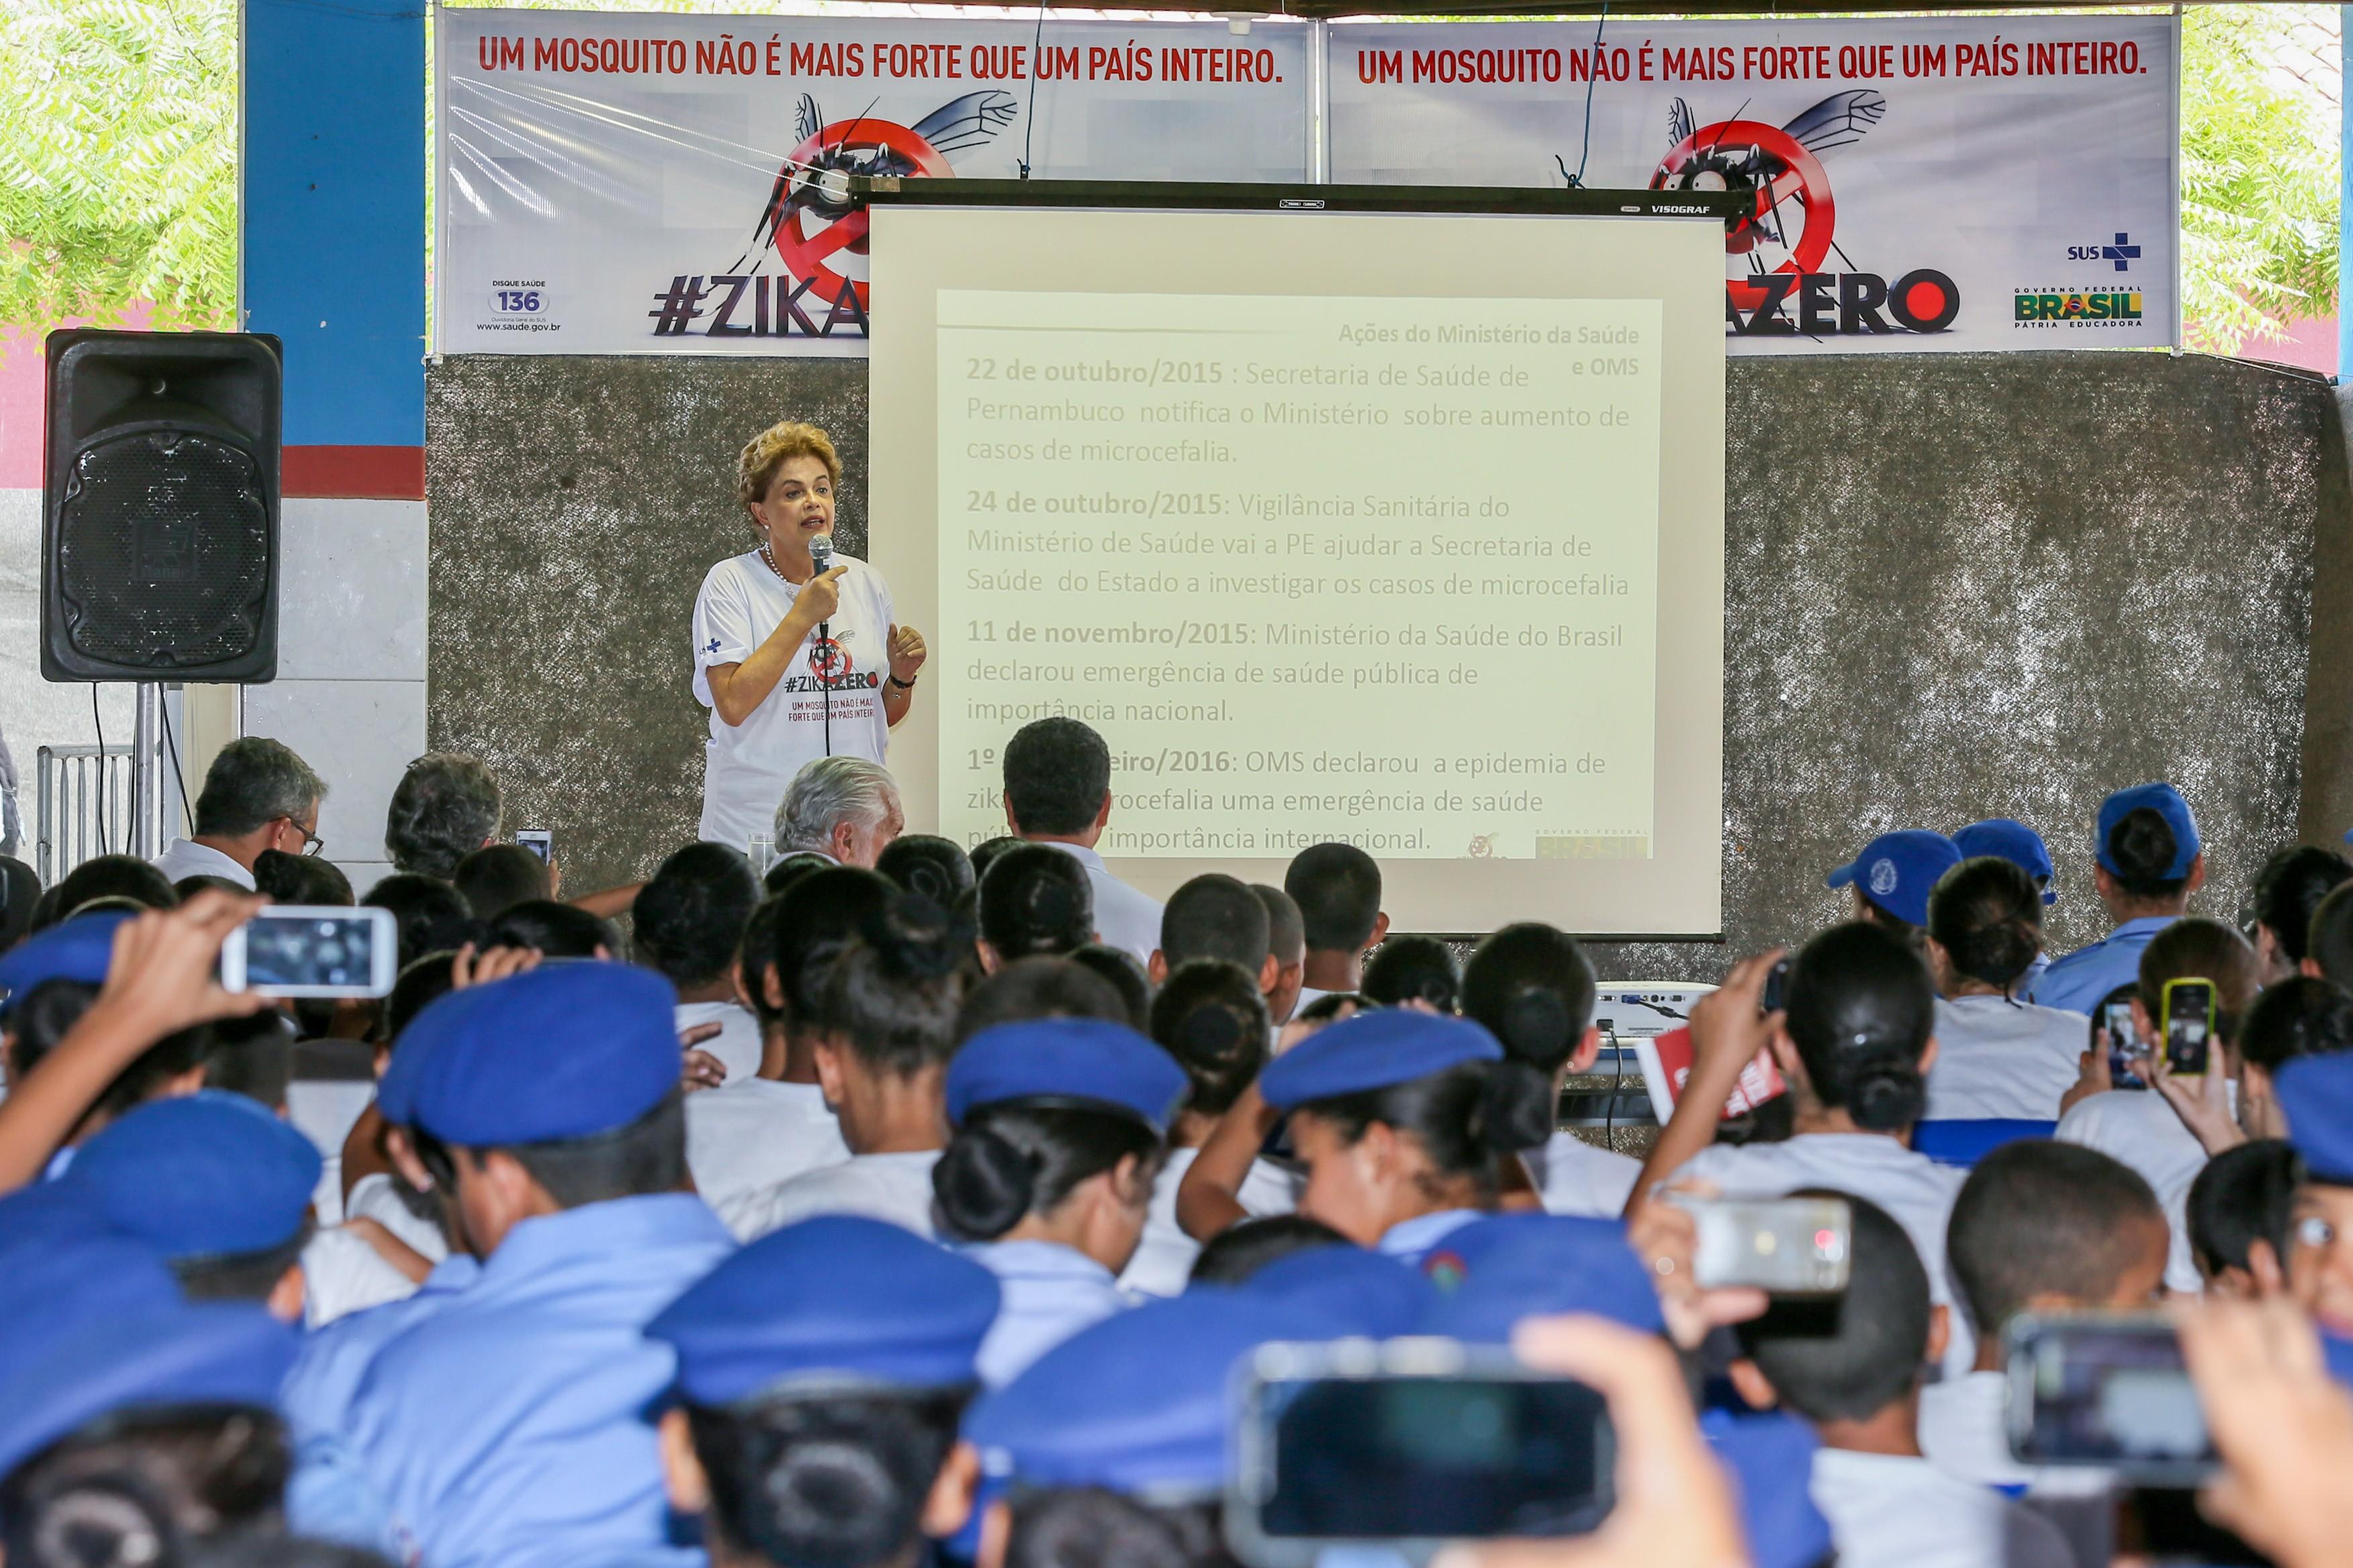 Presidente Dilma durante aula para alunos de colégio da Polícia Militar em Juazeiro (BA) (Foto: Roberto Stuckert Filho/PR)